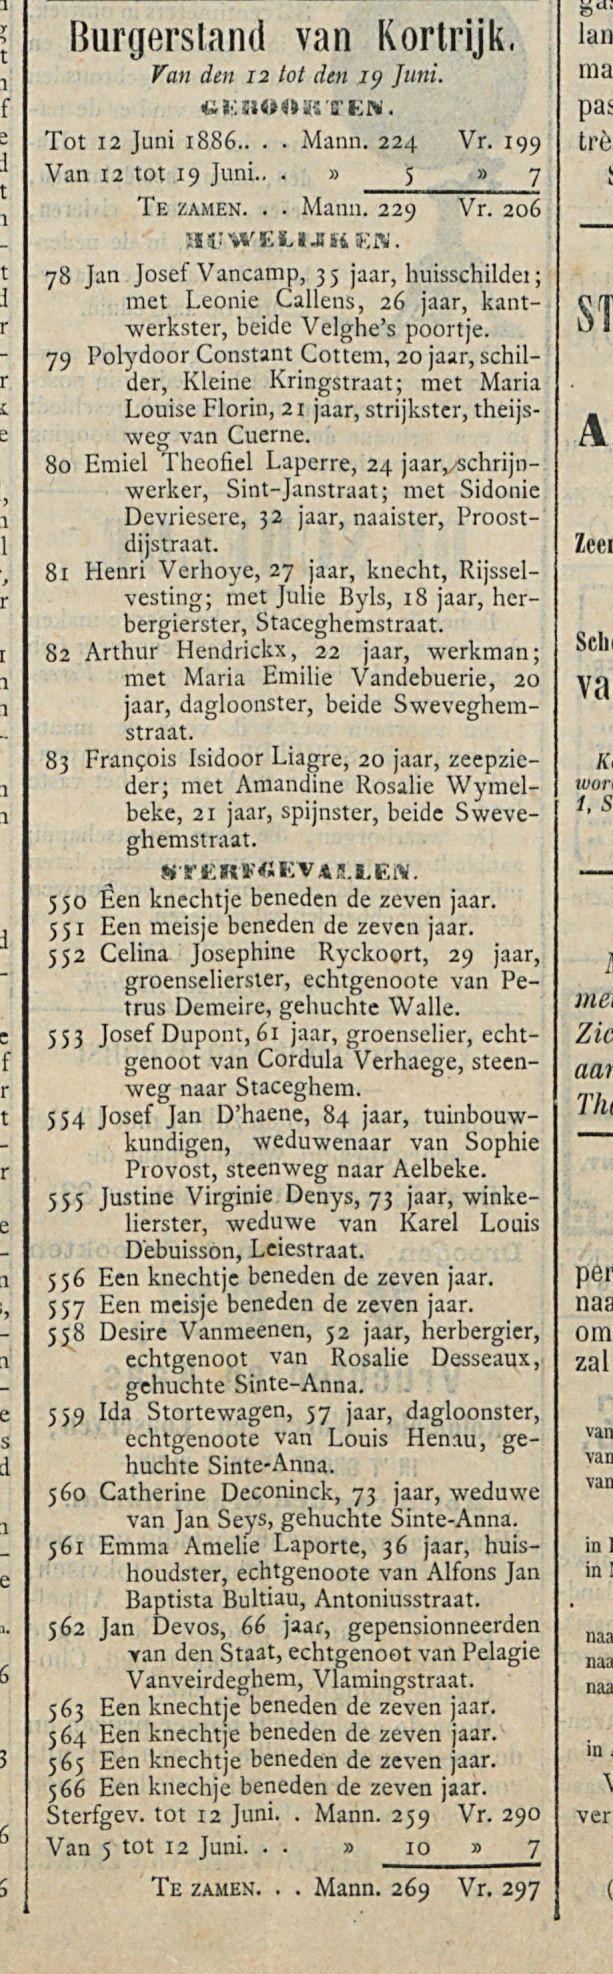 Burgerstand van Kortrijk